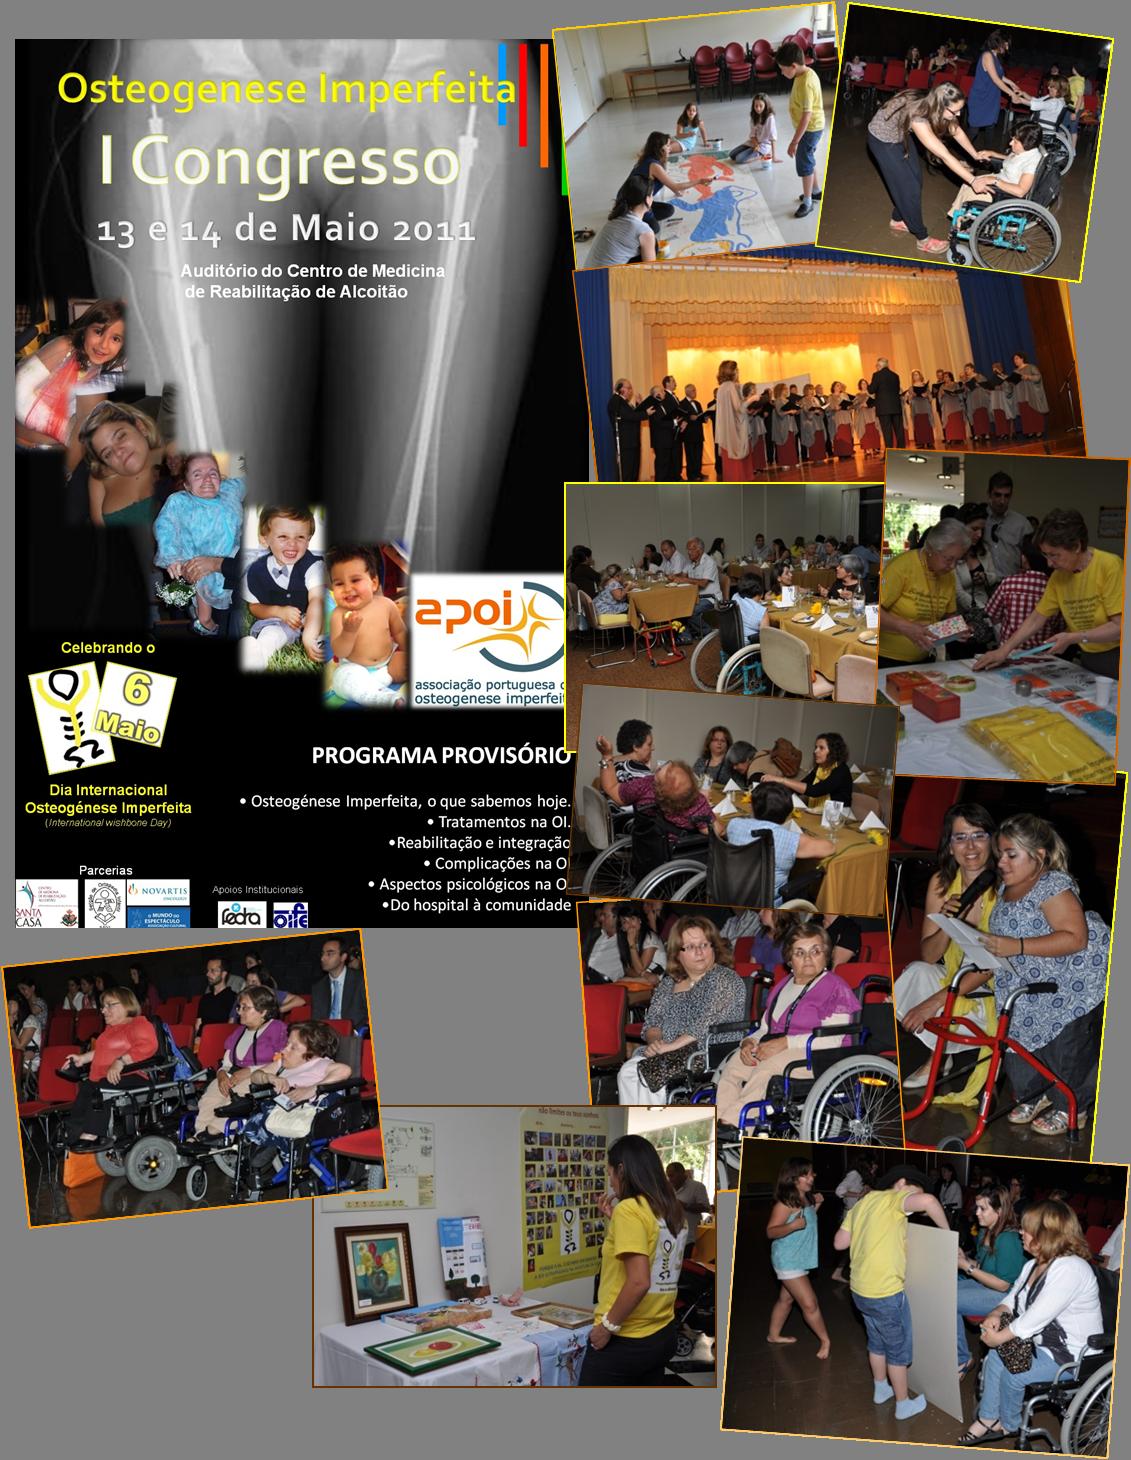 festa congresso2011